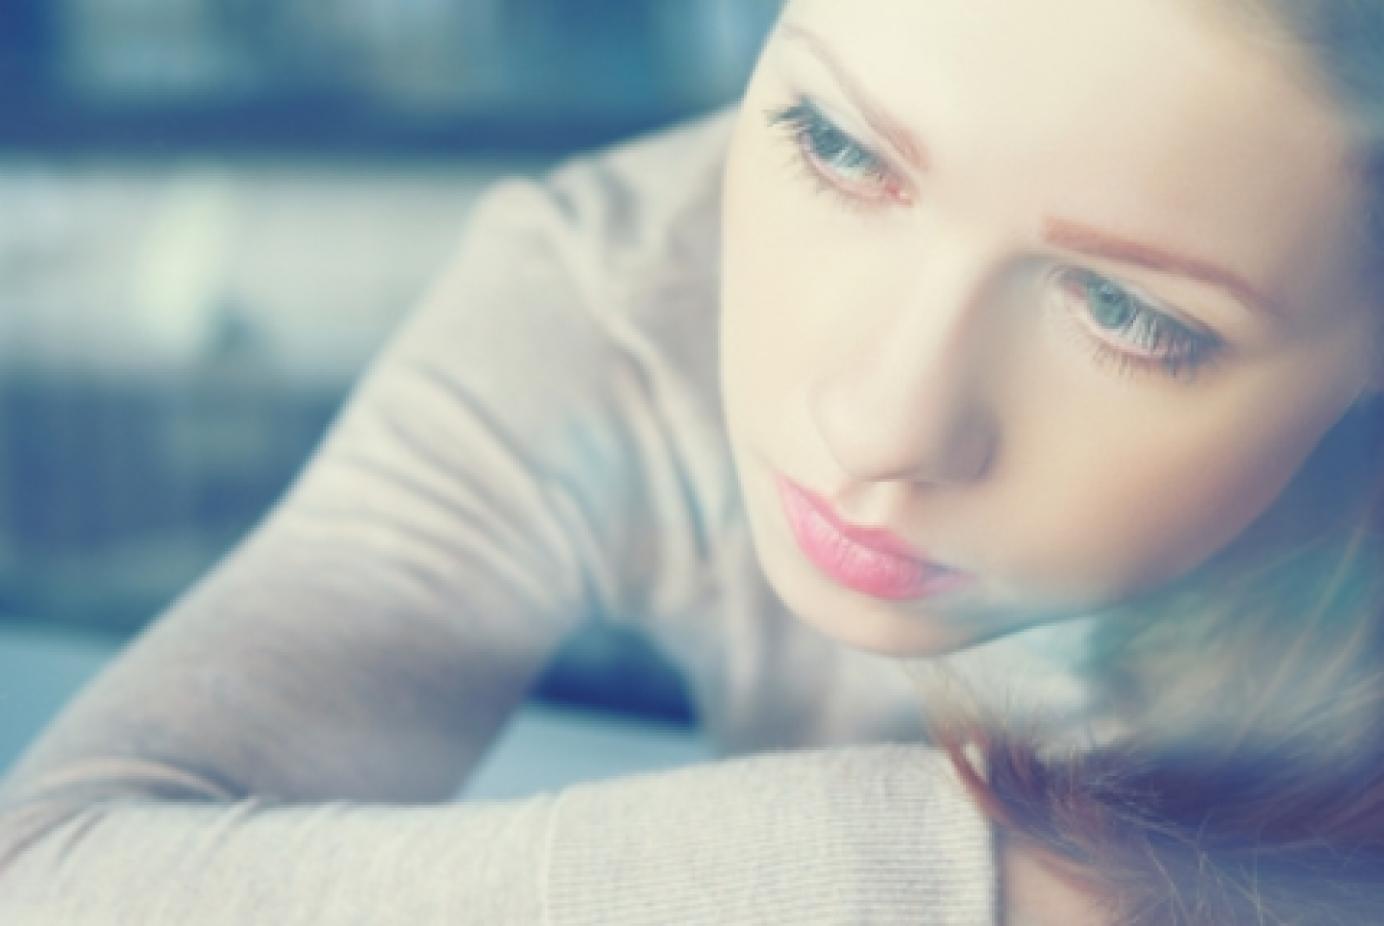 心痛的話就大聲哭出來  跟失戀說分手每個女孩都該知道的五步驟